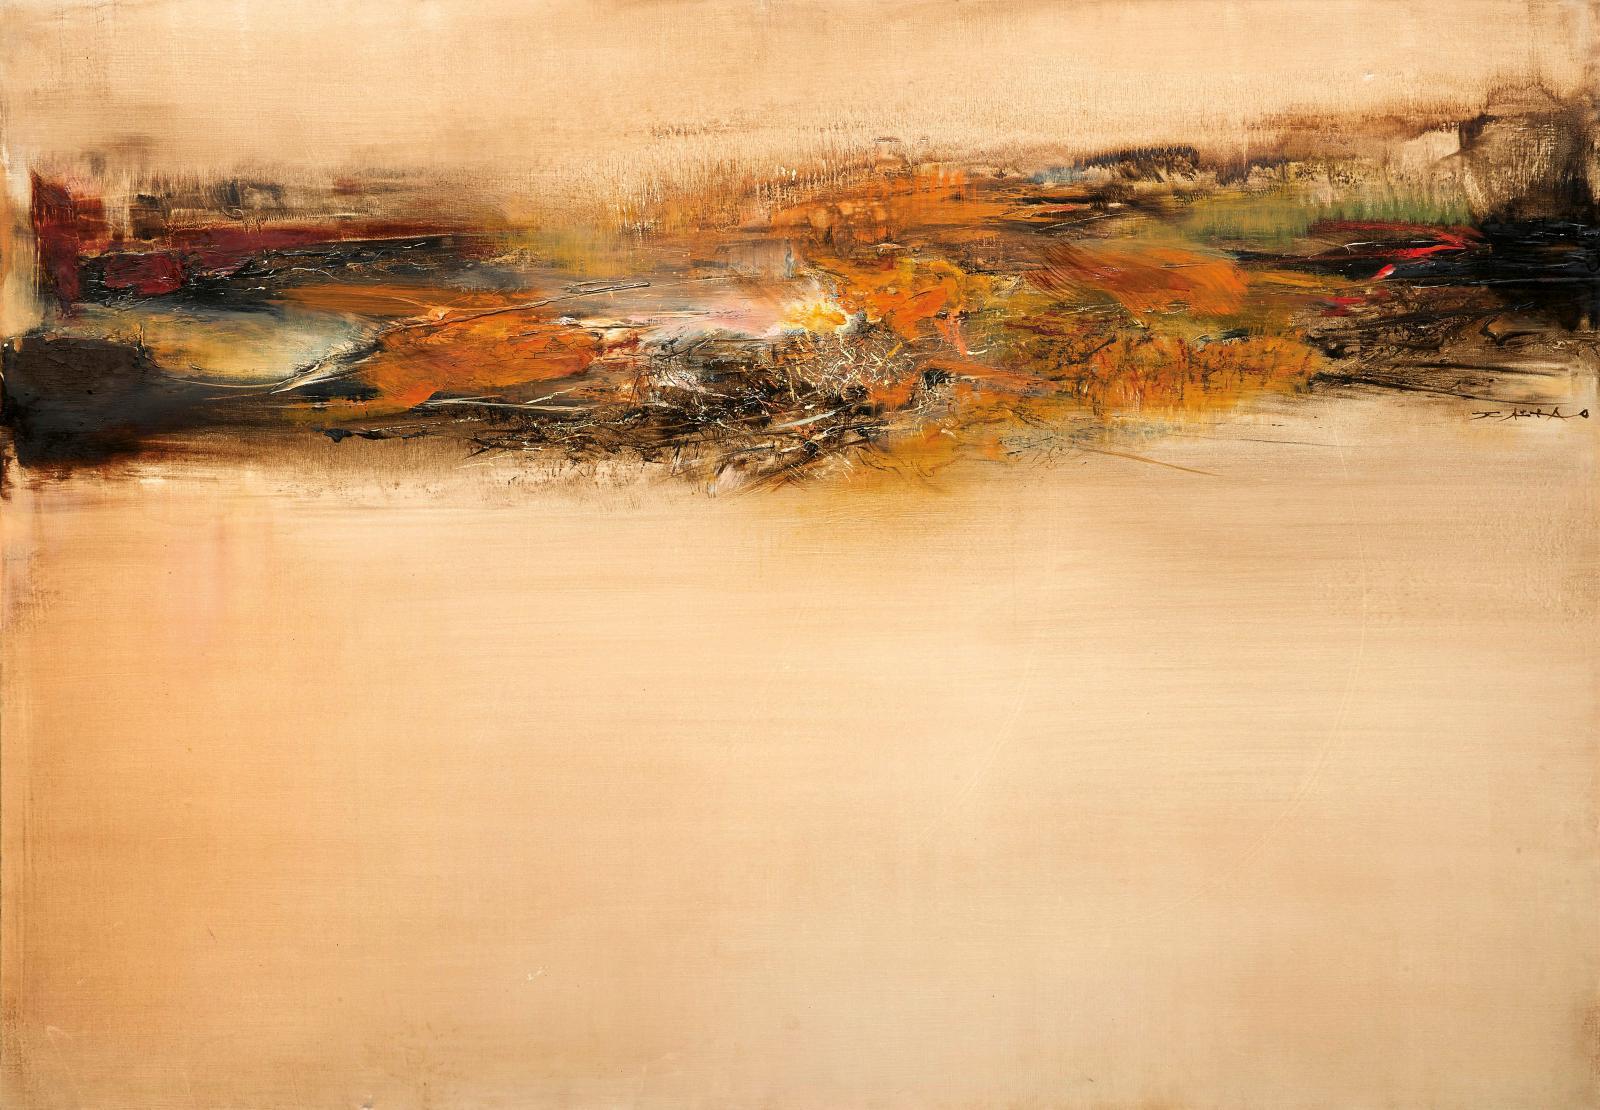 Zao Wou-ki (1920-2013), 30.10.64 - 11.04.78, huile sur toile, 114x162cm.Adjugé: 1625000€